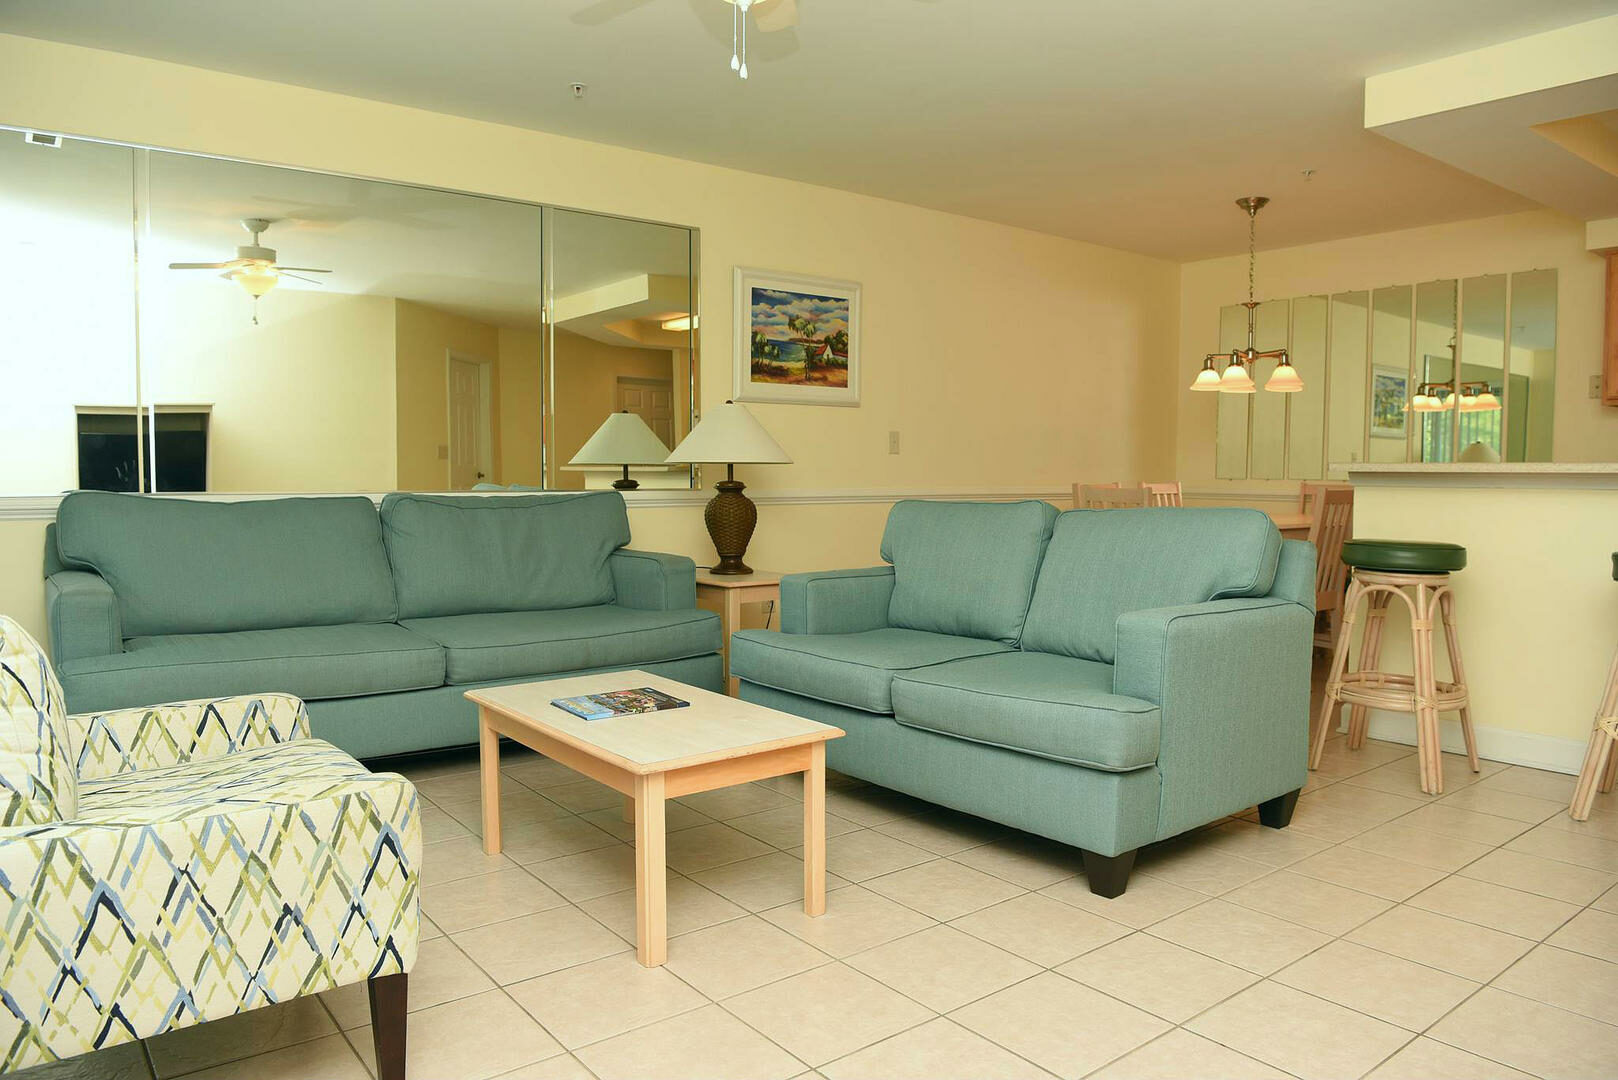 3005M 1 Bedroom/1 Bath Villa